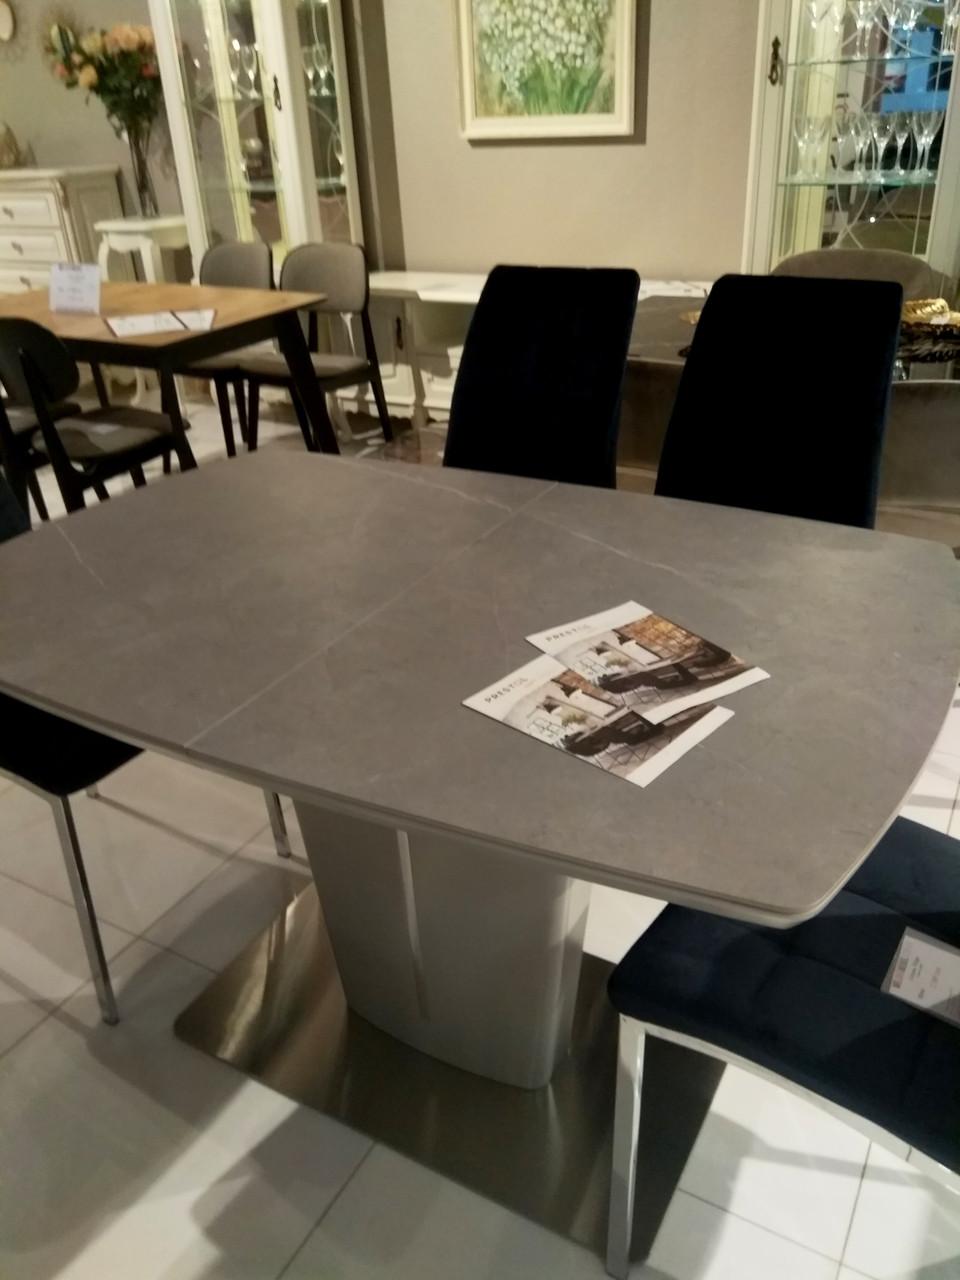 Обідній стіл Адам сіра кераміка 120/160 від Prestol, малюнок мармур